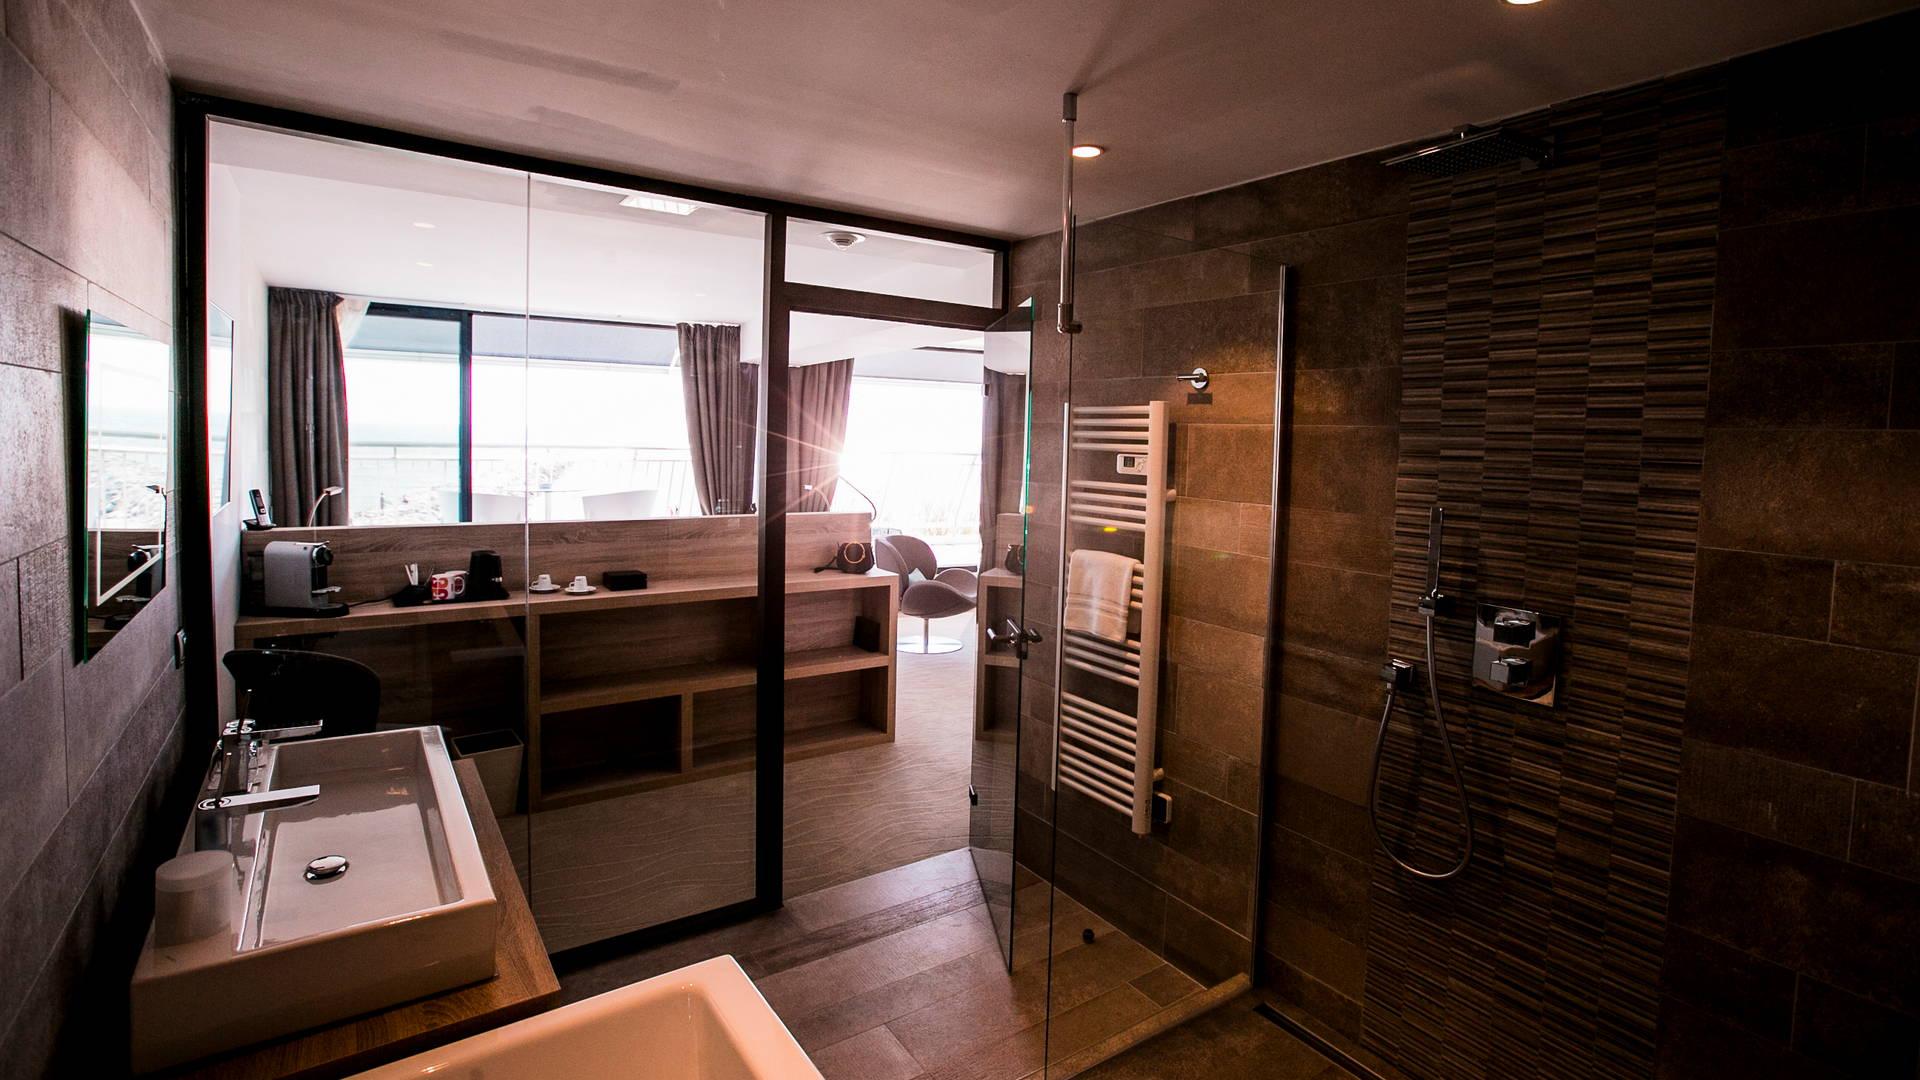 Suite Privilège située au 2ème étage avec vue panoramique et douche et baignoire, hotel vue sur mer, Hôtel La Plage.